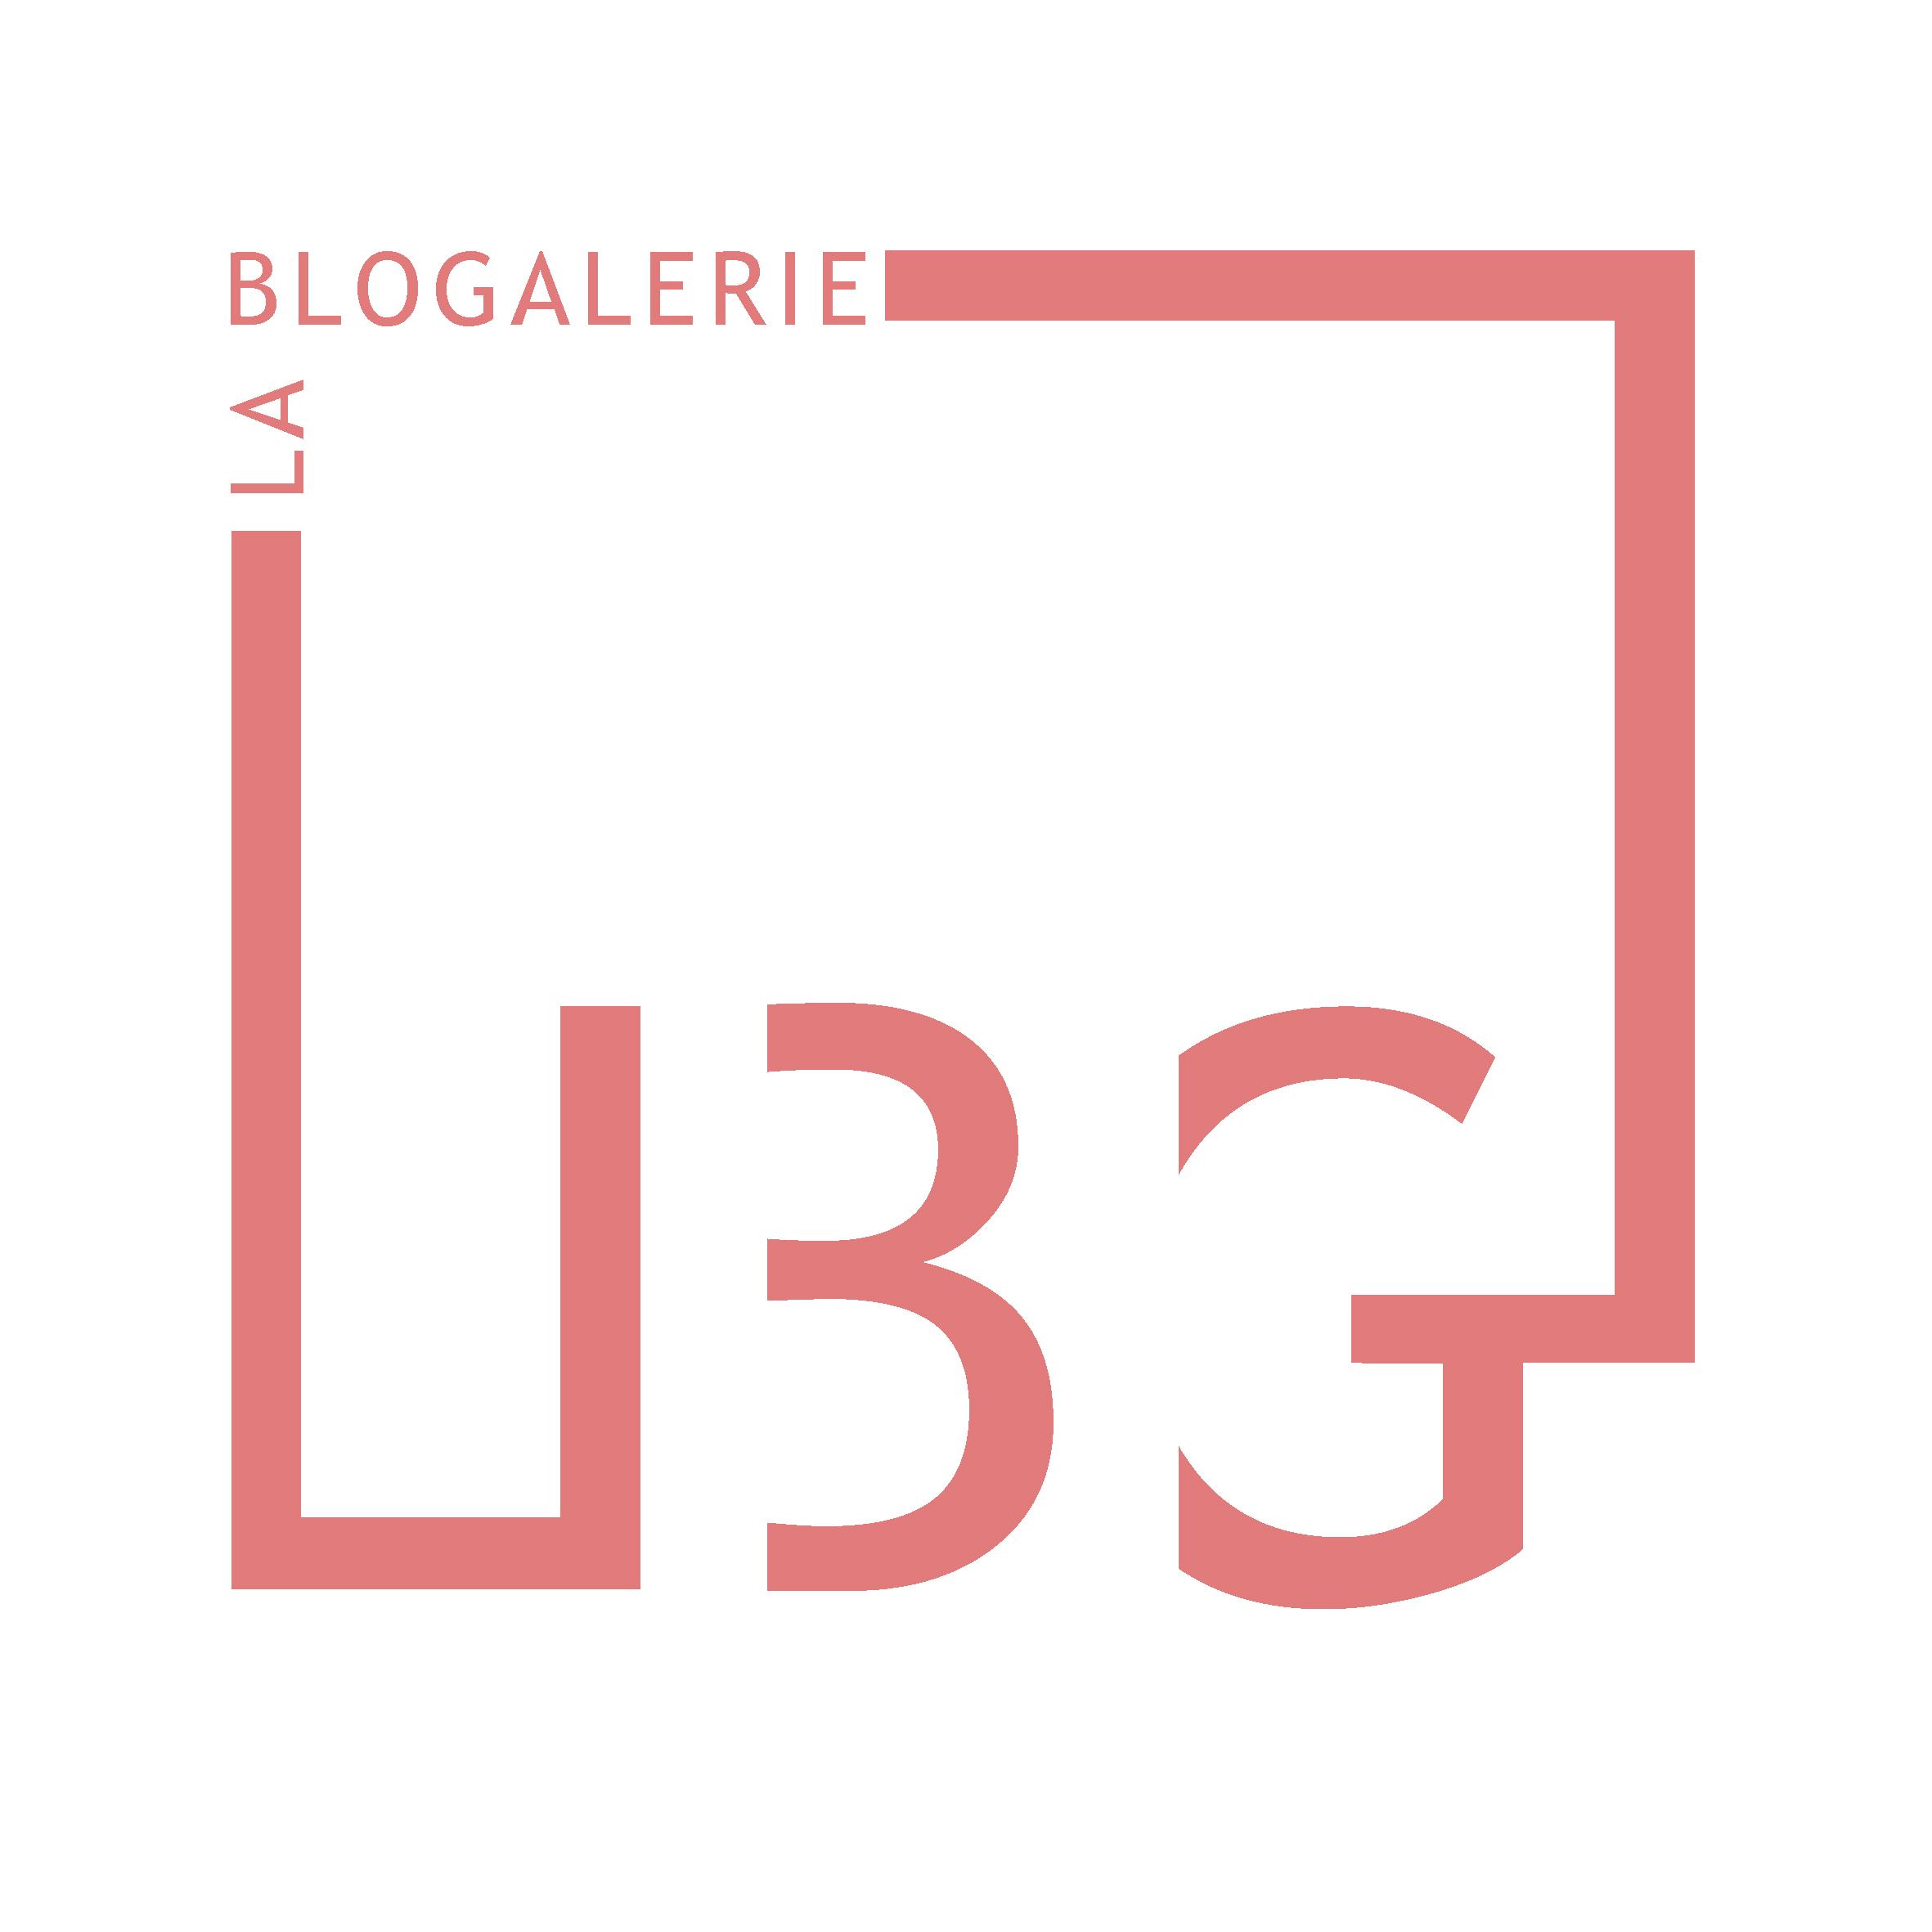 La Blogalerie